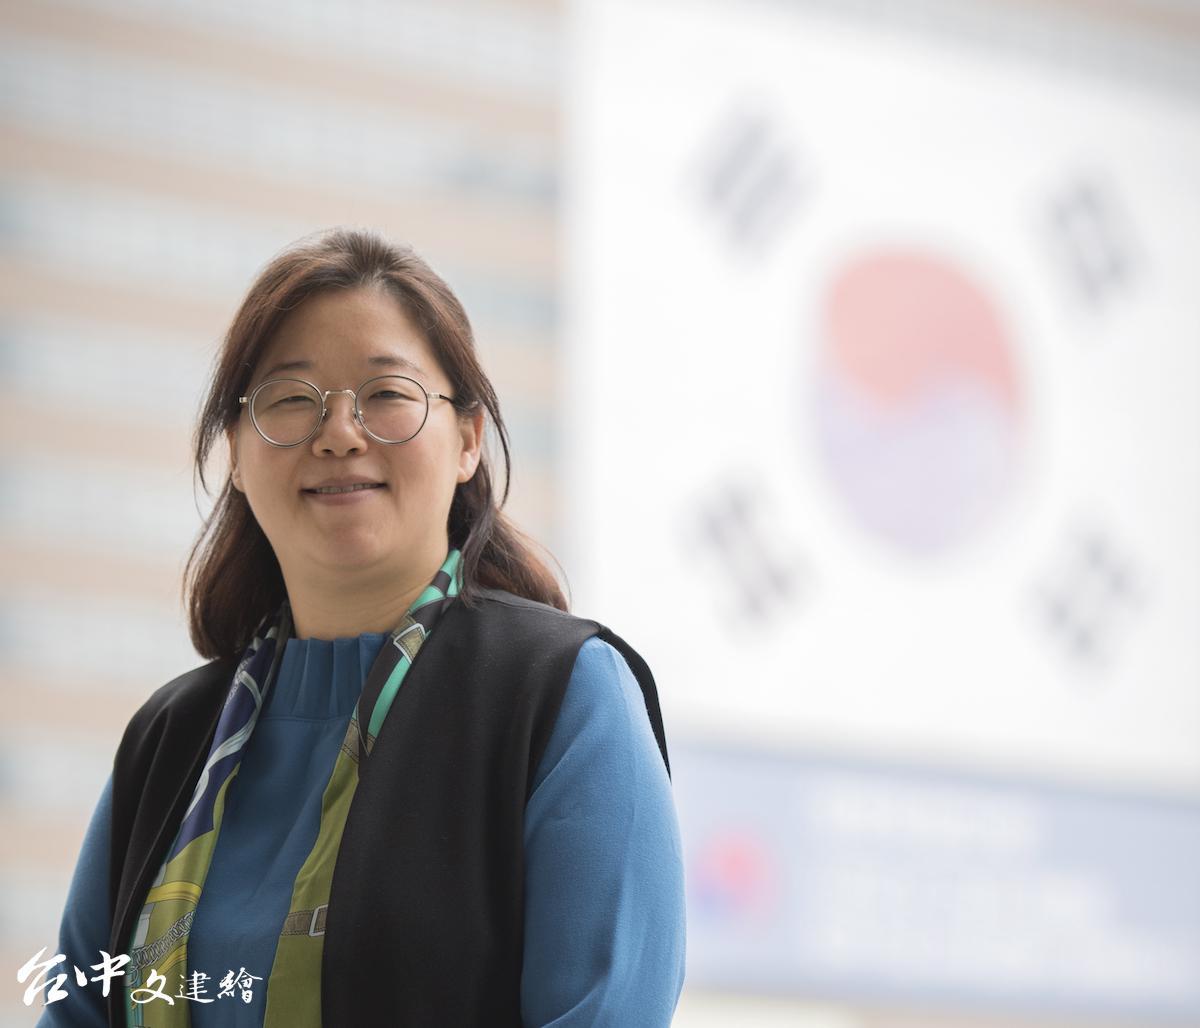 「音樂劇研習線上課程」主講者한아름(韓雅凜;Han A-reum)兼具劇作家、作詞家身分,作品橫跨音樂劇、話劇領域。(圖:台中歌劇院)